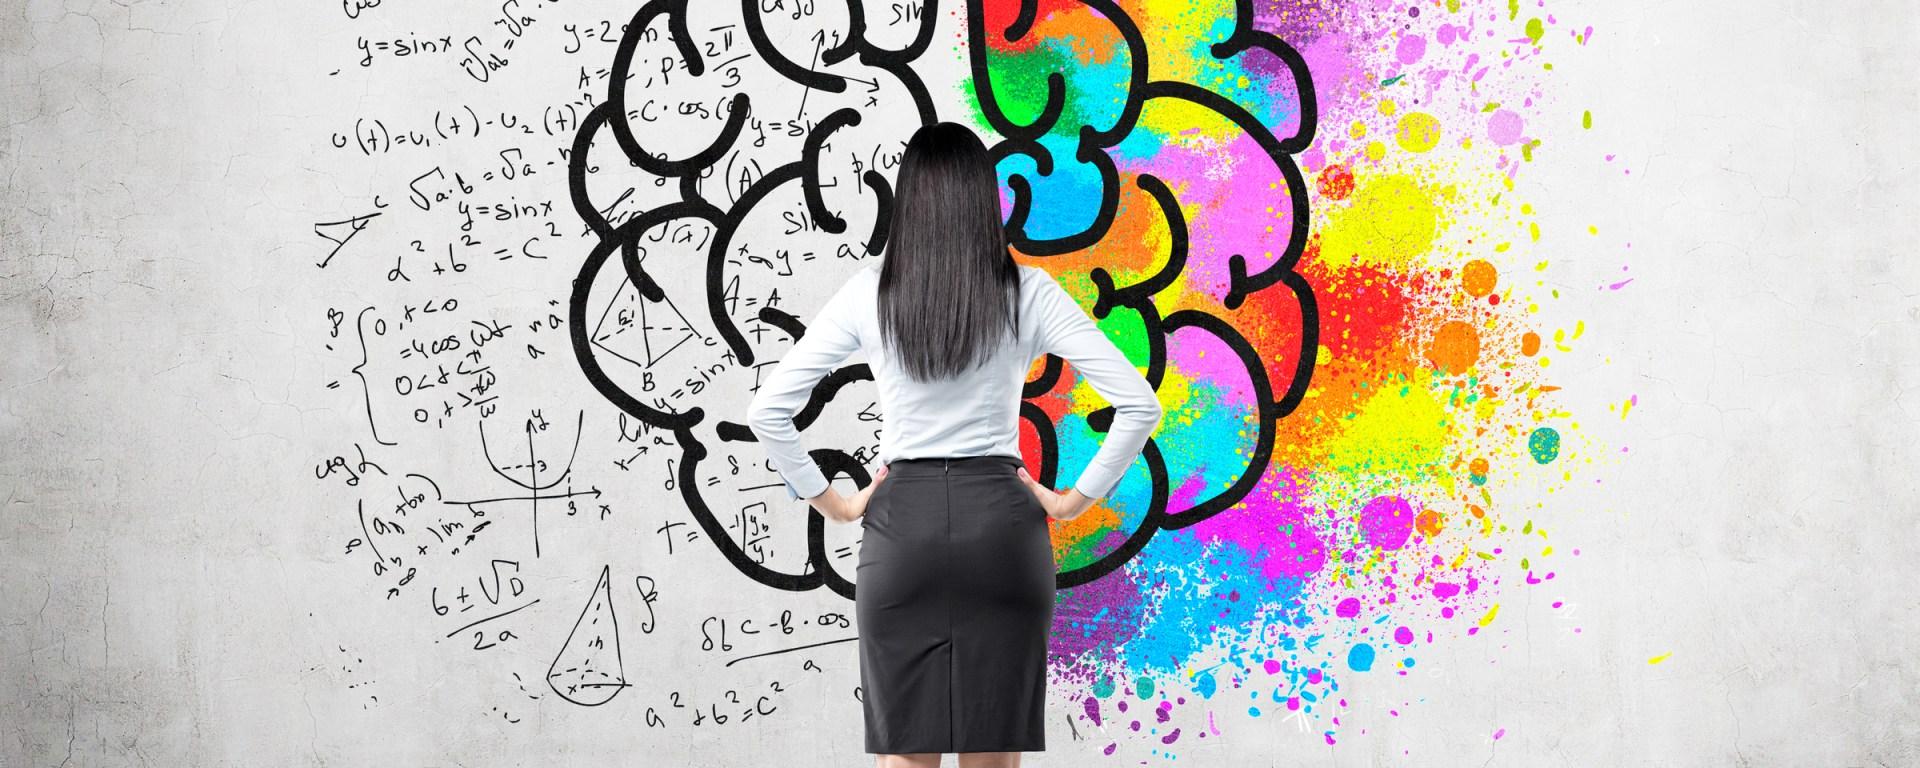 Emotion - Logic Right side left side brain